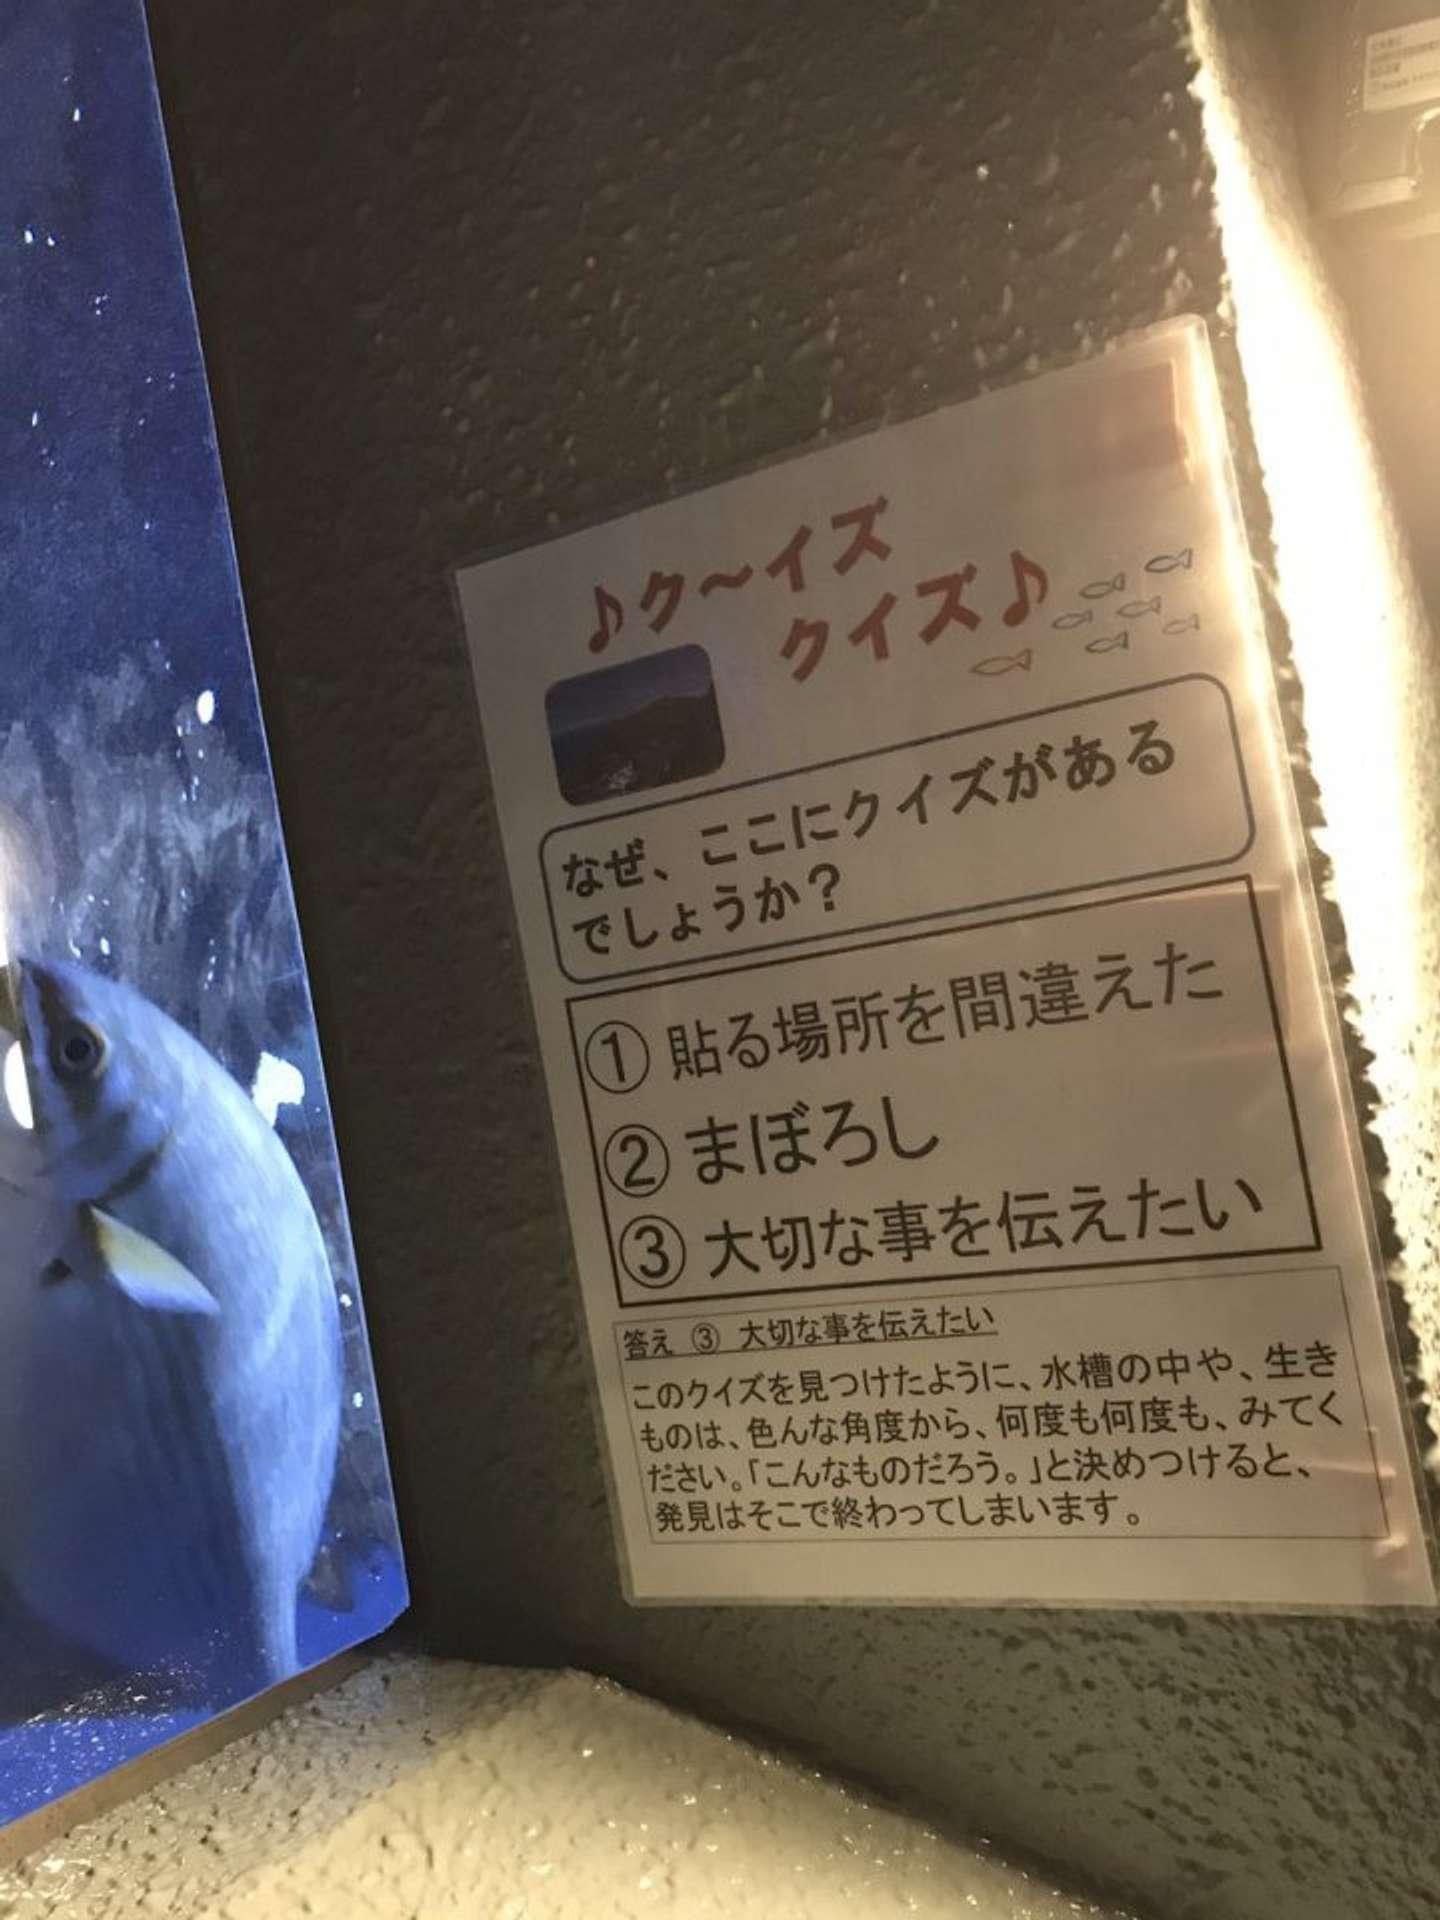 ク~イズクイズ(画像はカワセミ@Kawasemi8159さん提供)